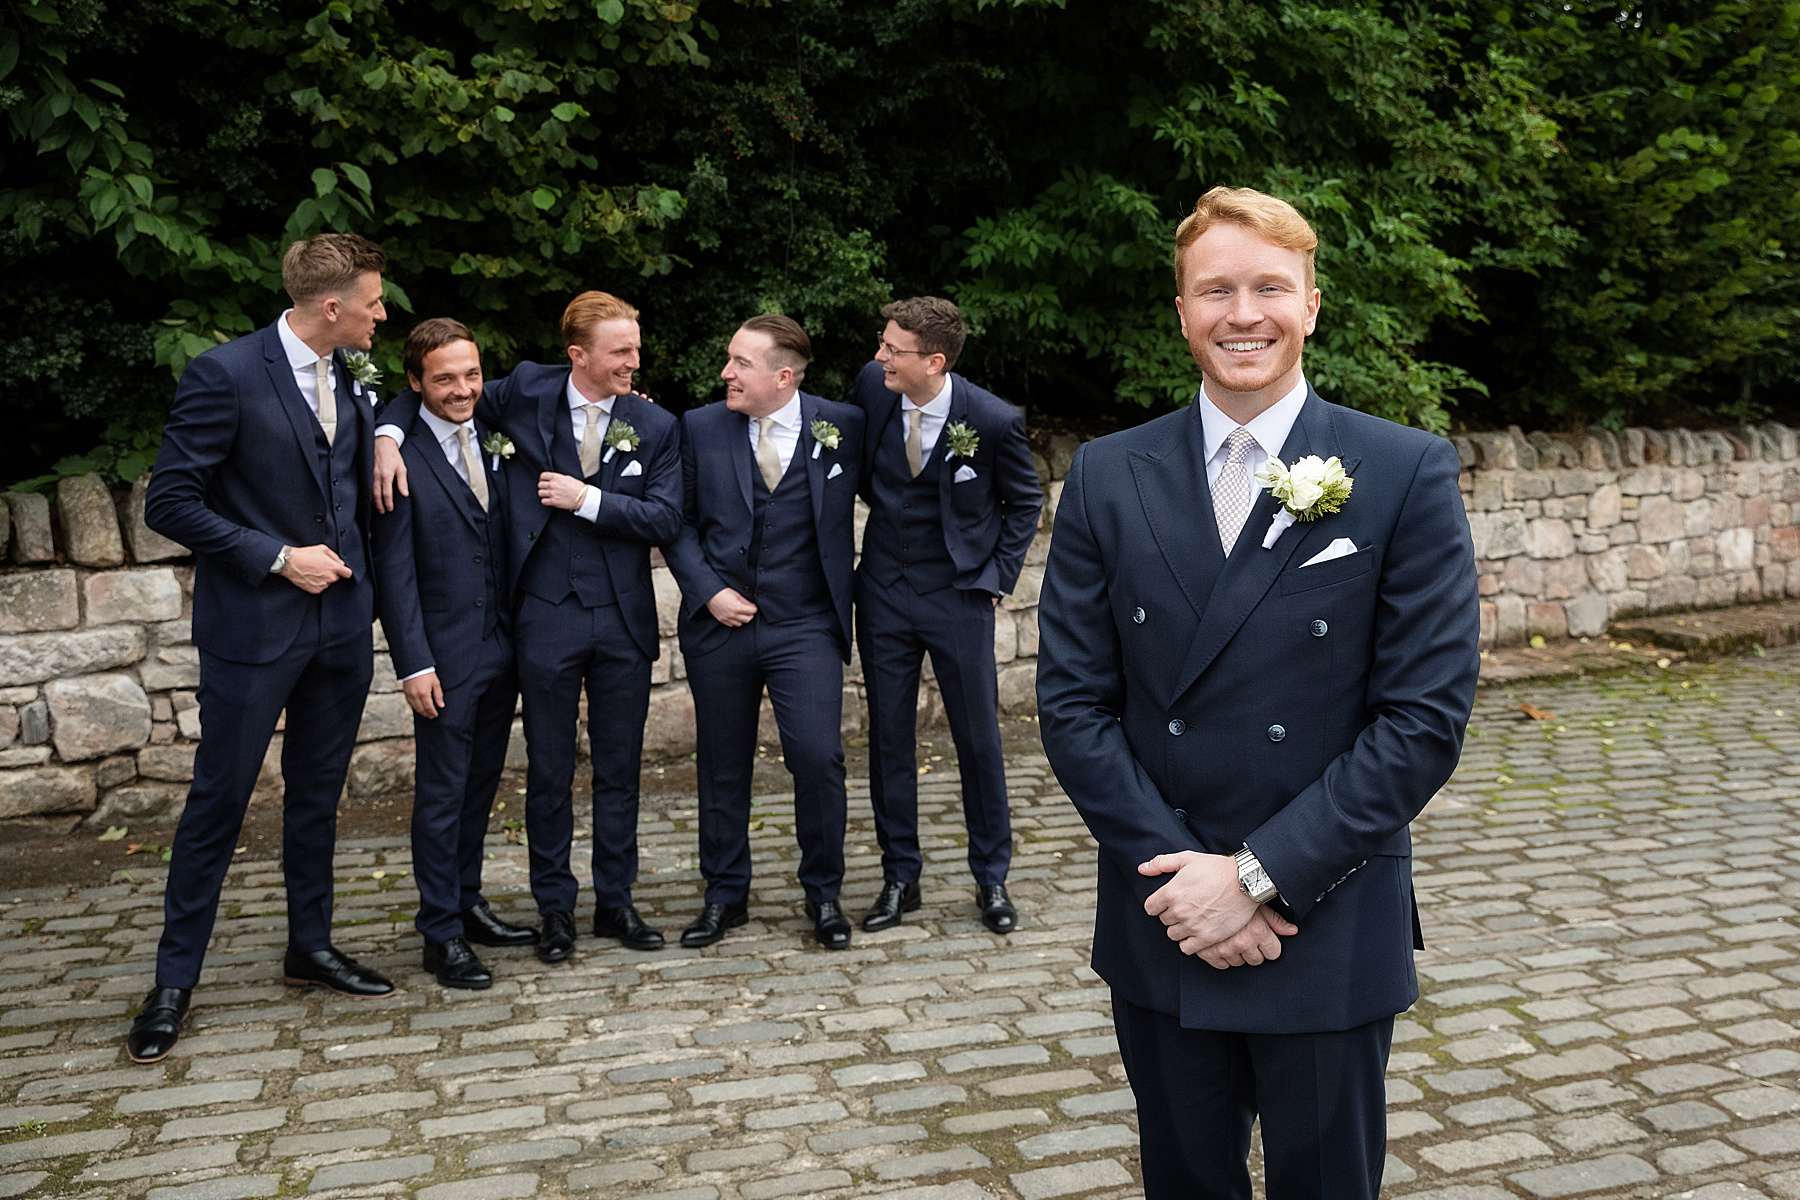 Eskmills wedding